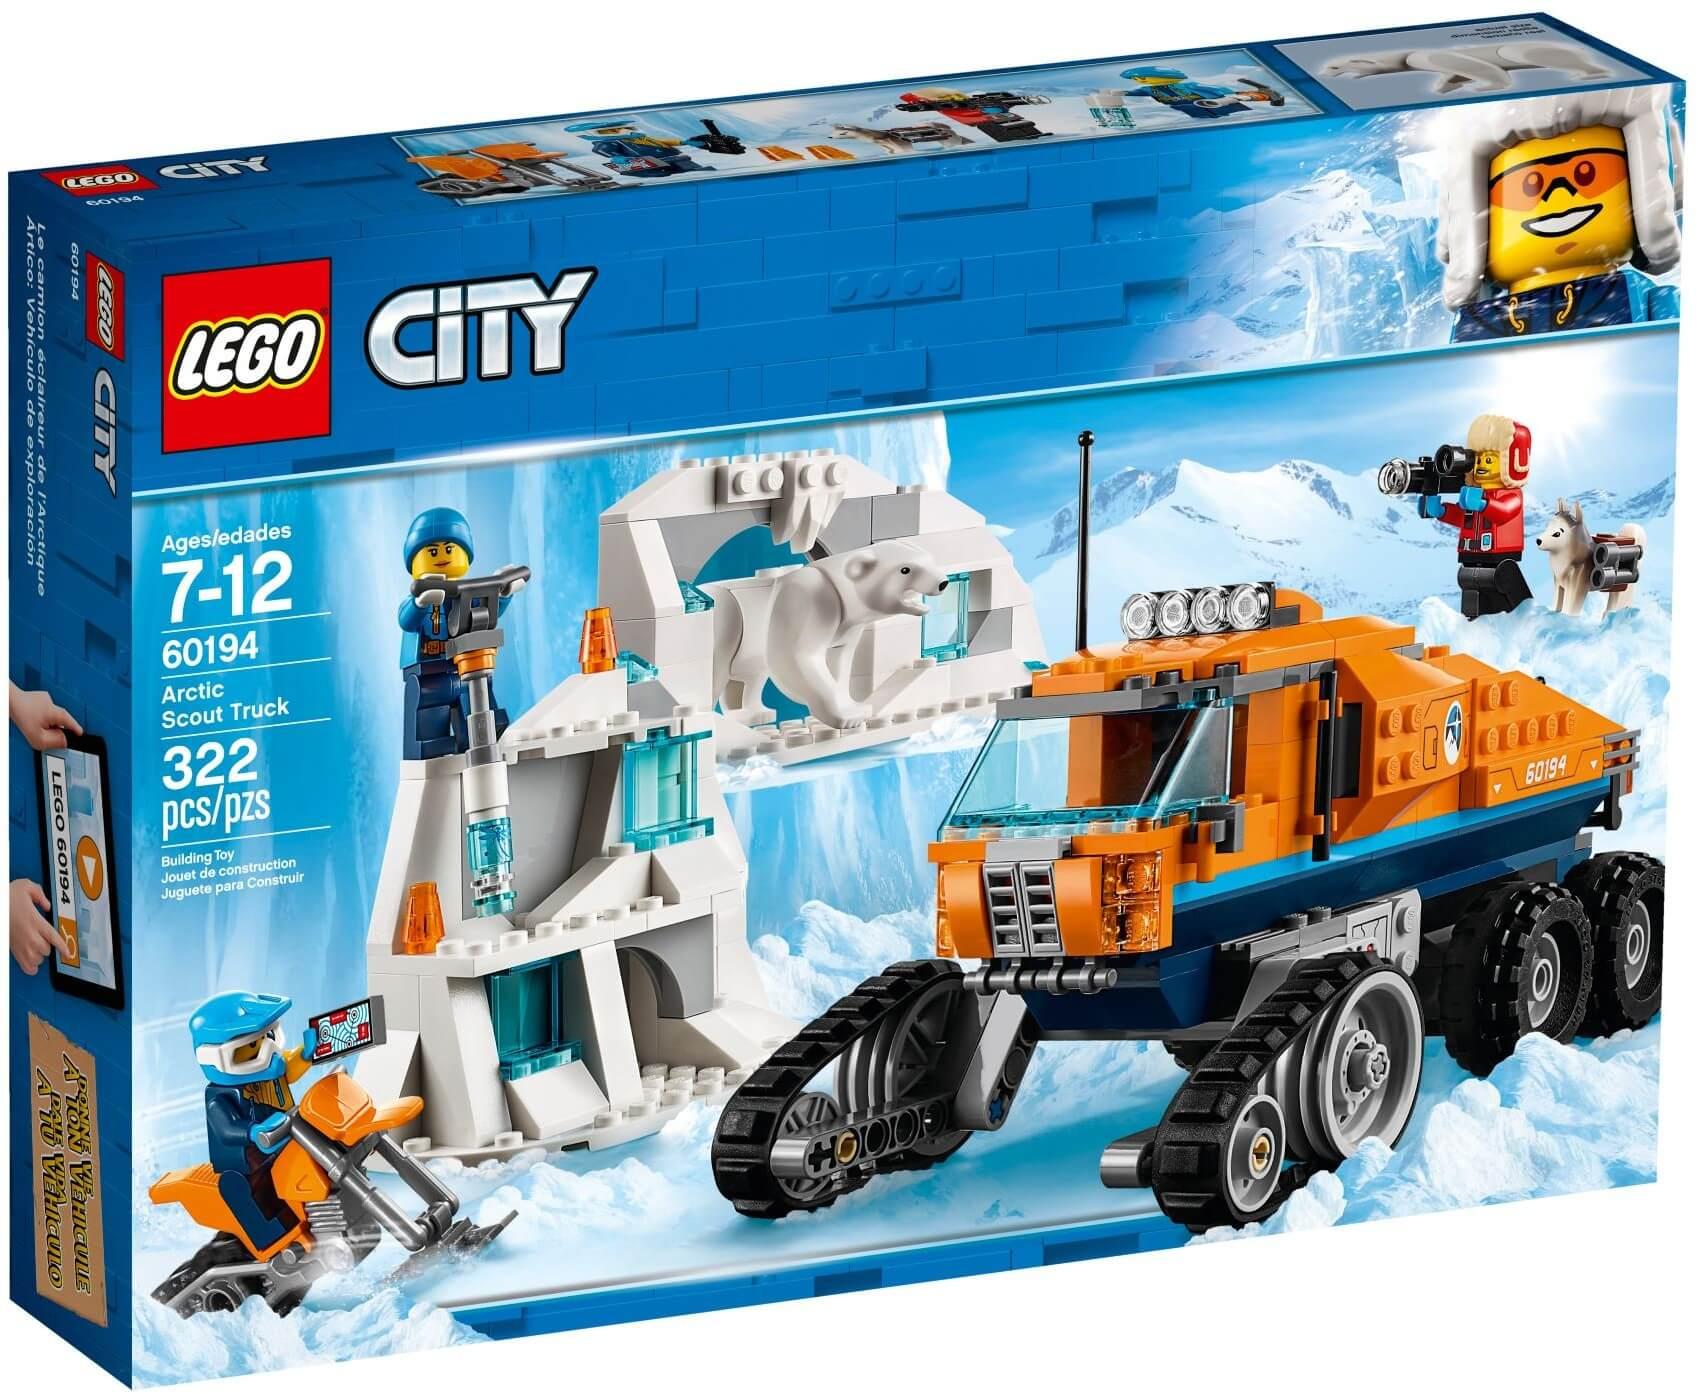 Mua đồ chơi LEGO 60194 - LEGO City 60194 - Xe Vượt Địa Hình Bắc Cực (LEGO 60194 Arctic Scout Truck)